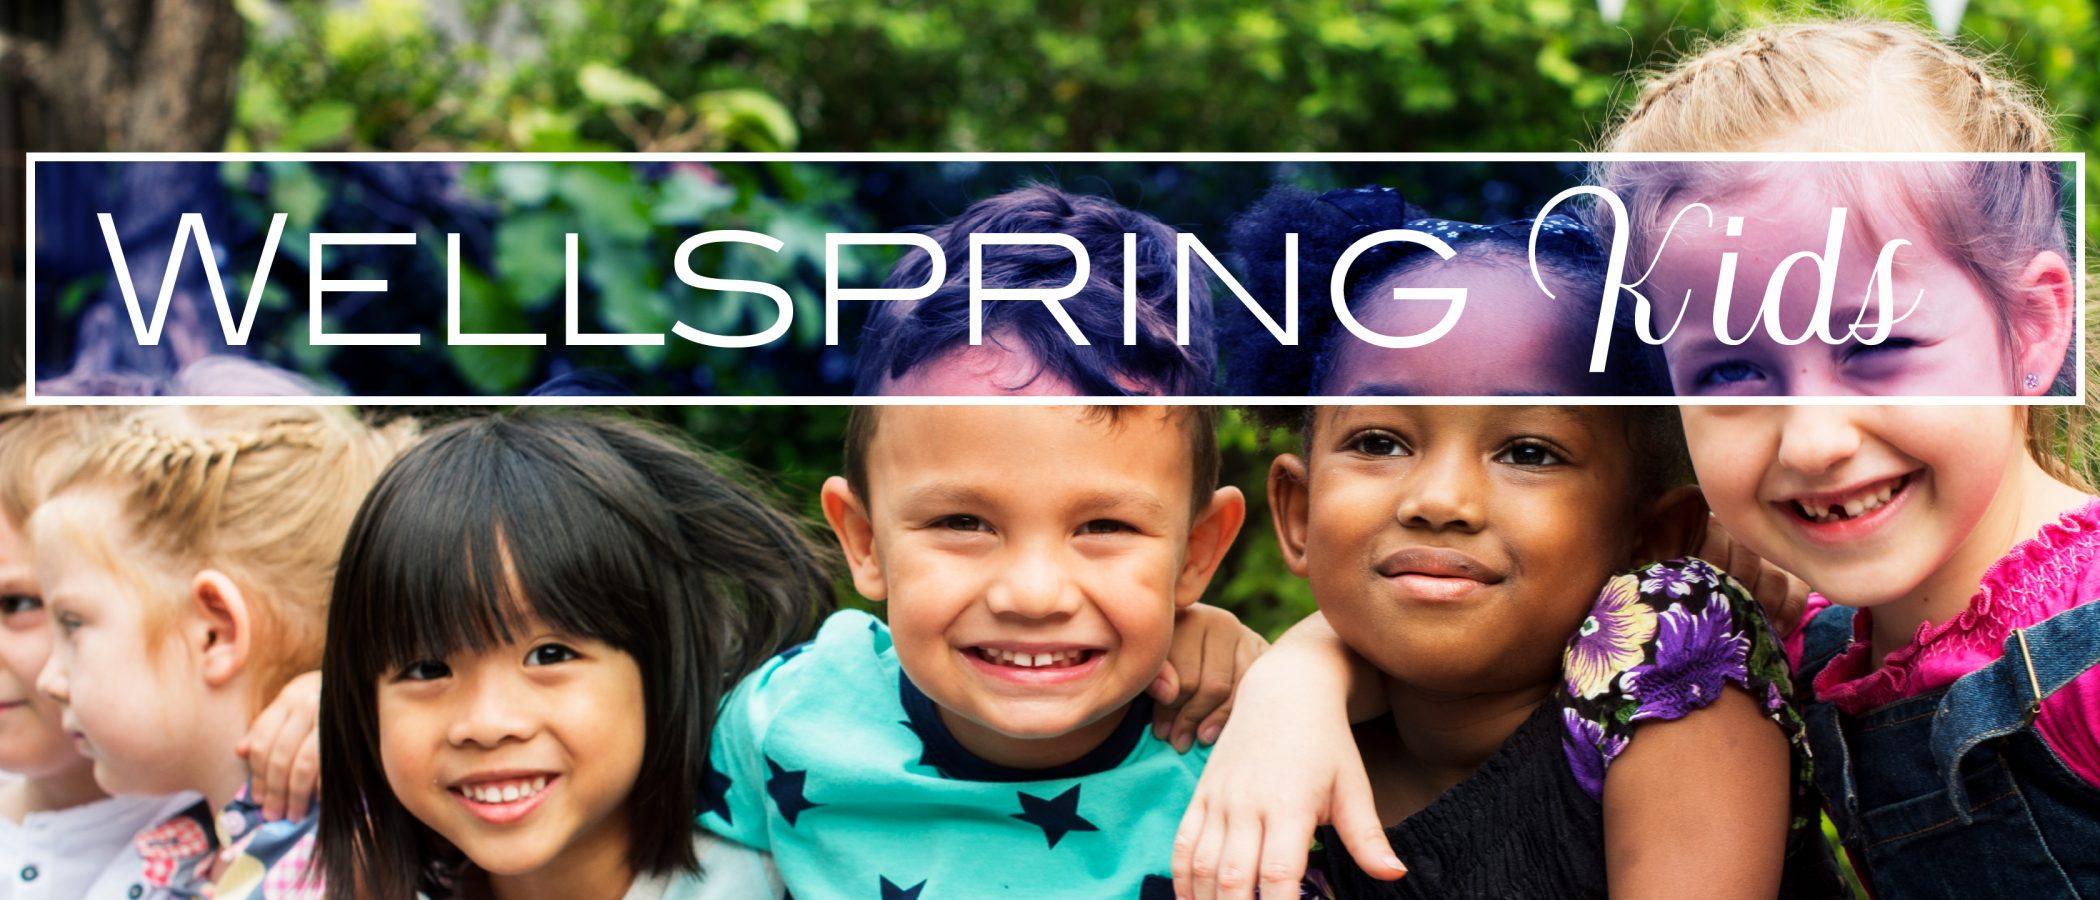 wellspring-kids2-10brd-dq2020-web-banner2x-100